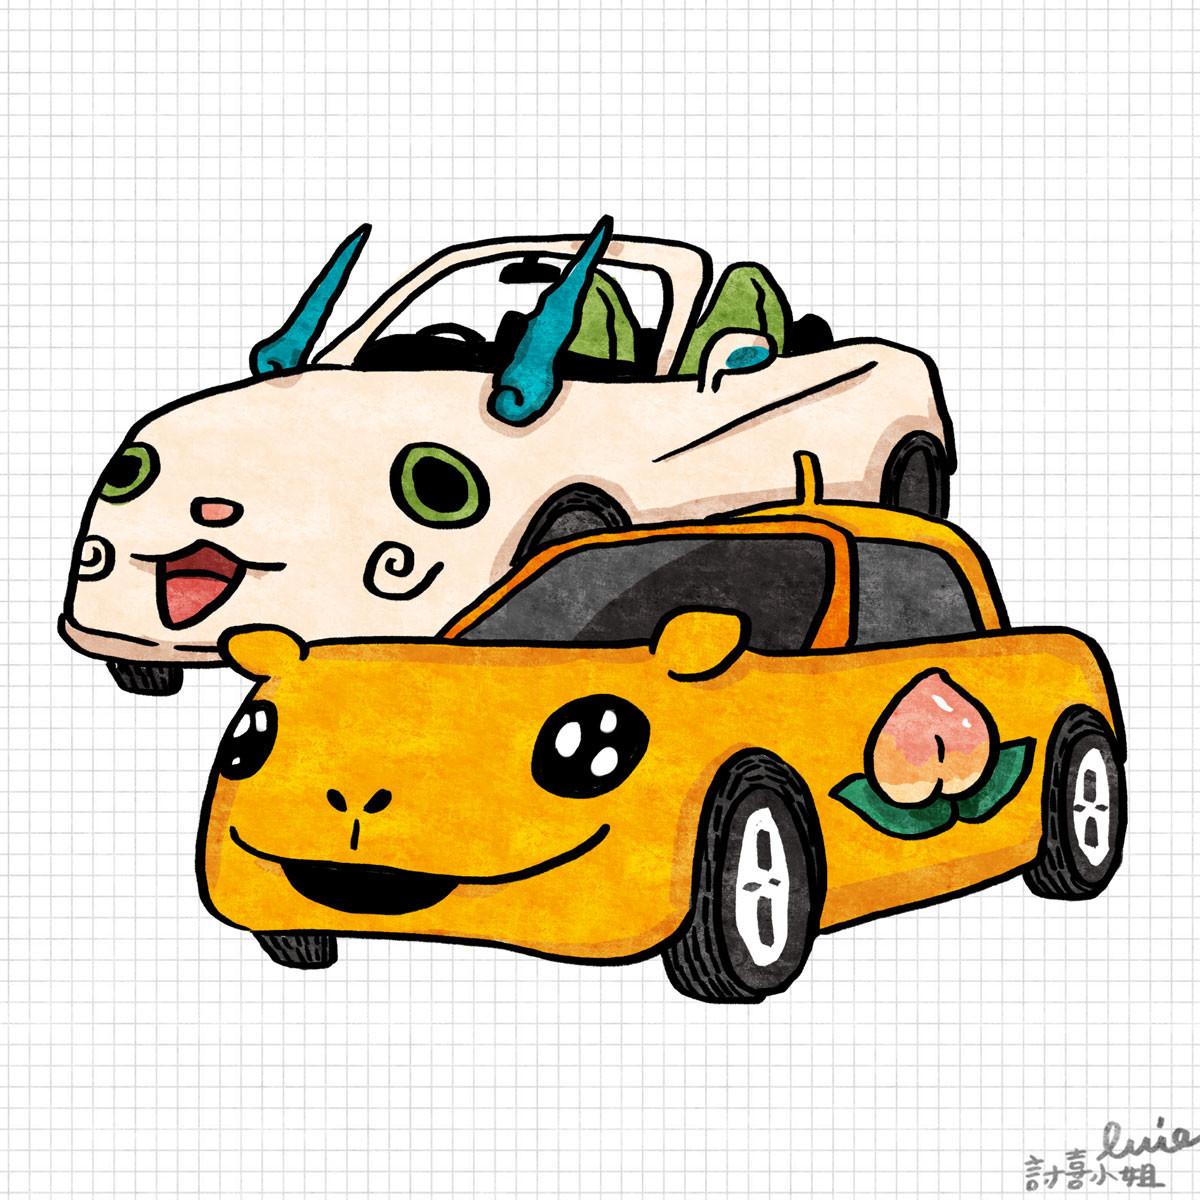 是今日新聞淺談:大發汽車設計比賽冠軍...是一隻貓!這篇文章的首圖